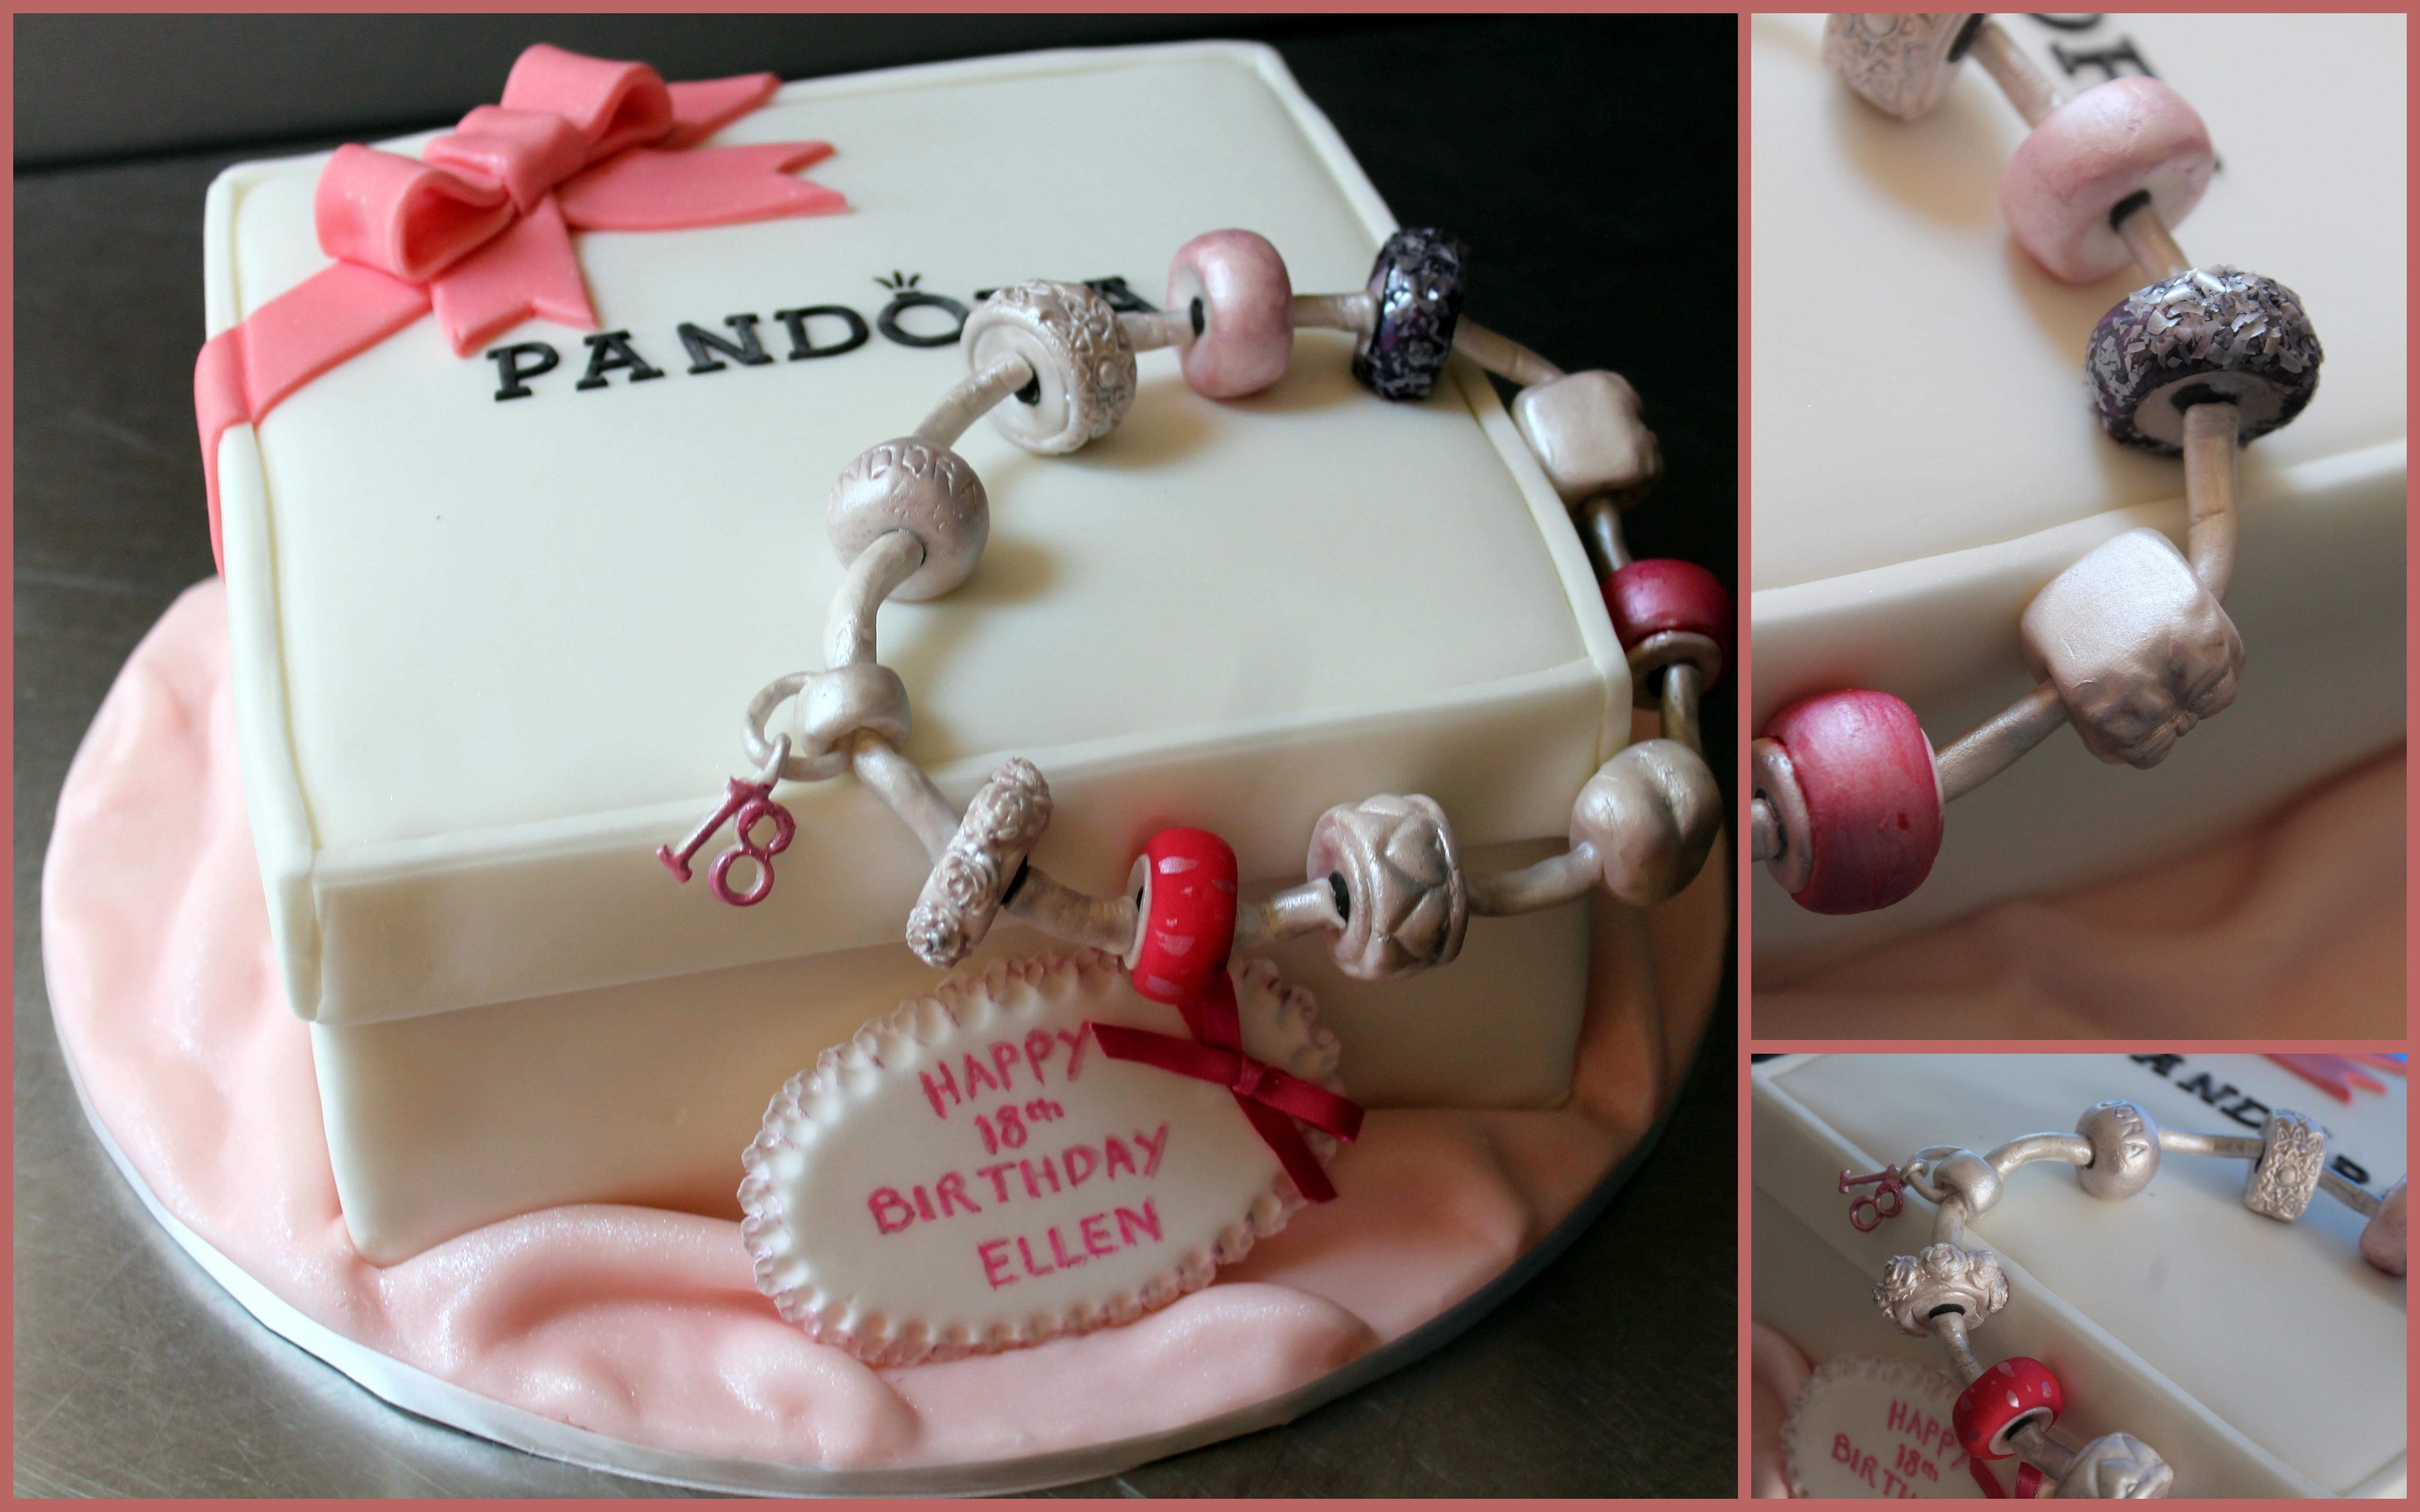 Pandora Cake Cakecentral Com